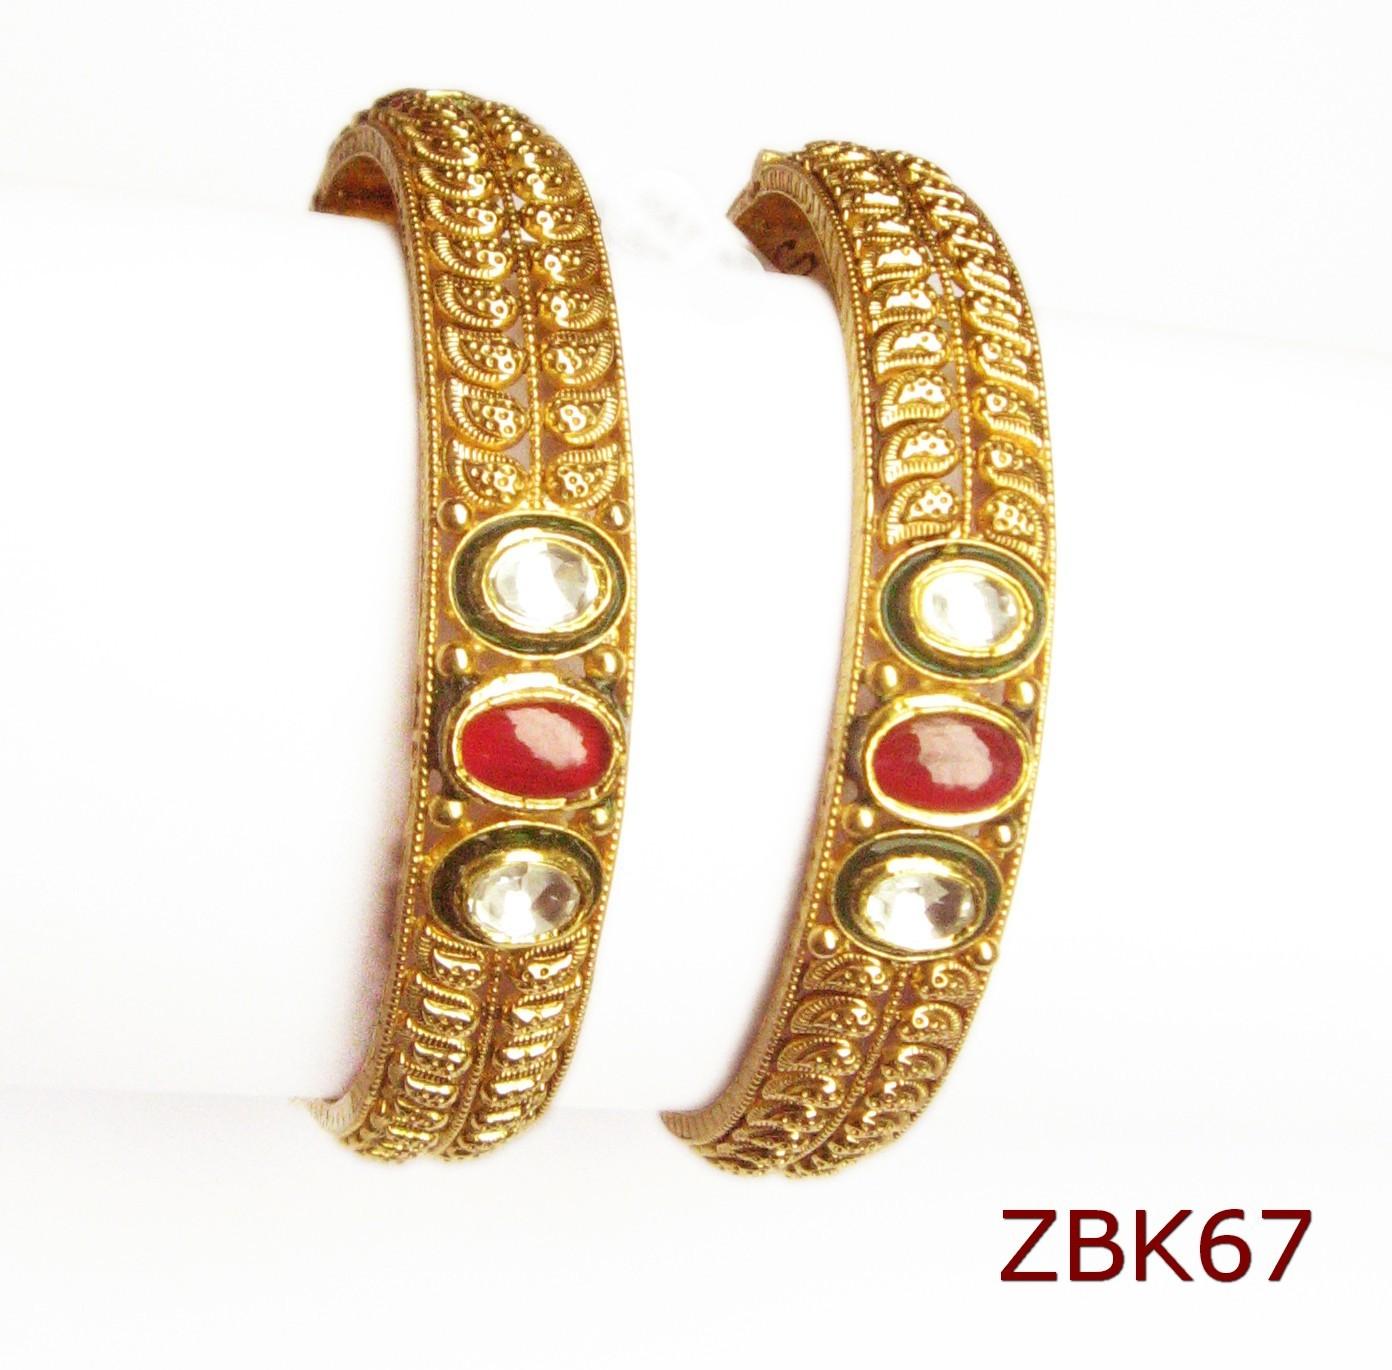 ZBK67